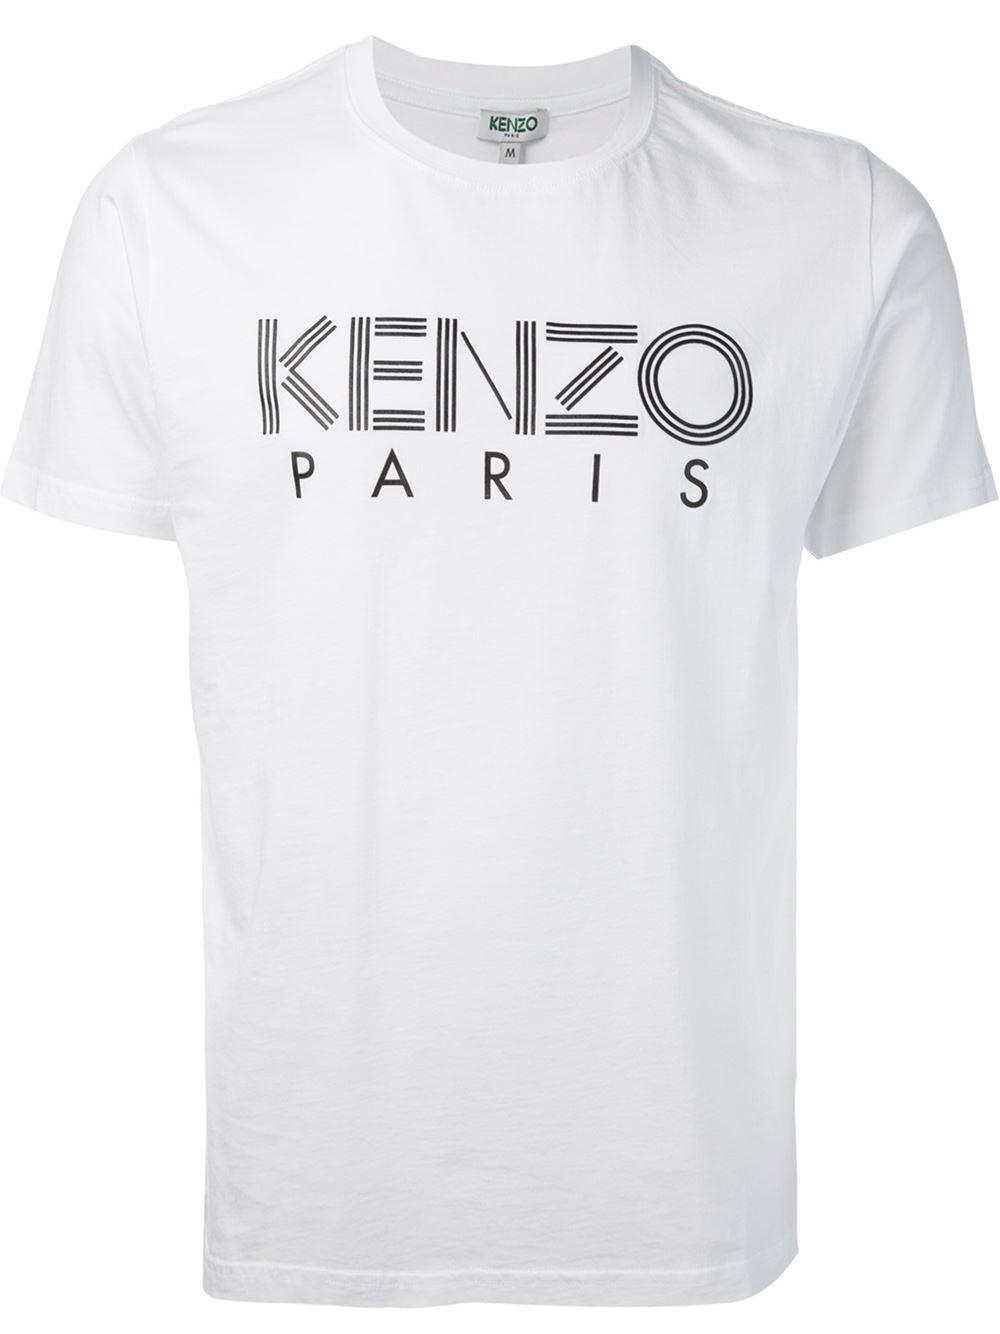 cb18da5d KENZO ' Paris' T-Shirt in White for Men - Lyst